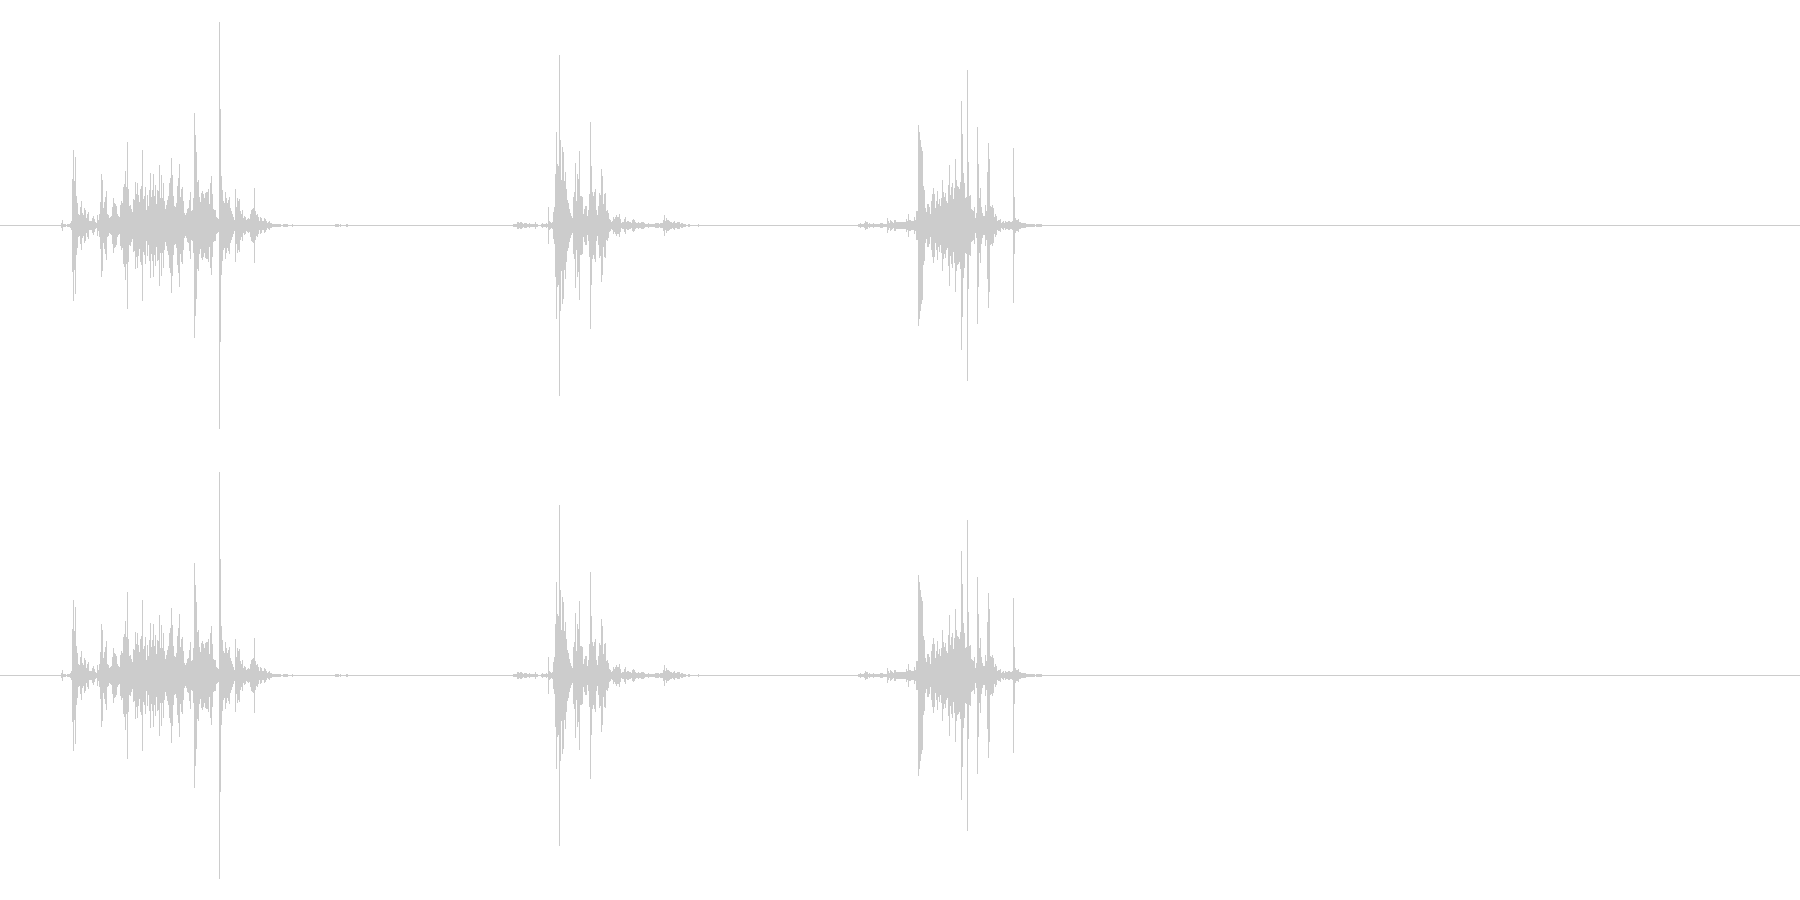 紙を破る6の未再生の波形